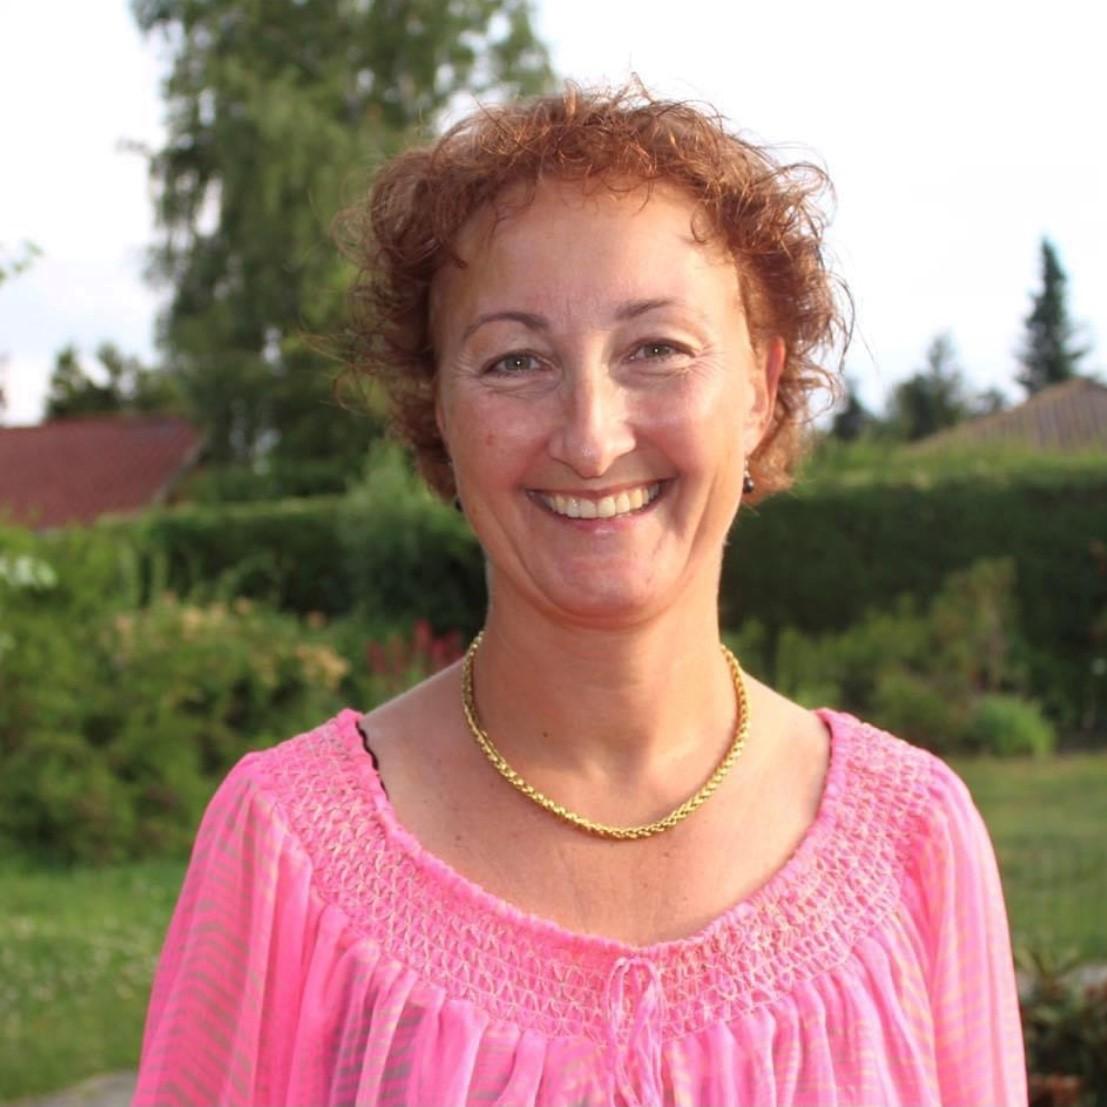 Marianne Krogsgaard Berg